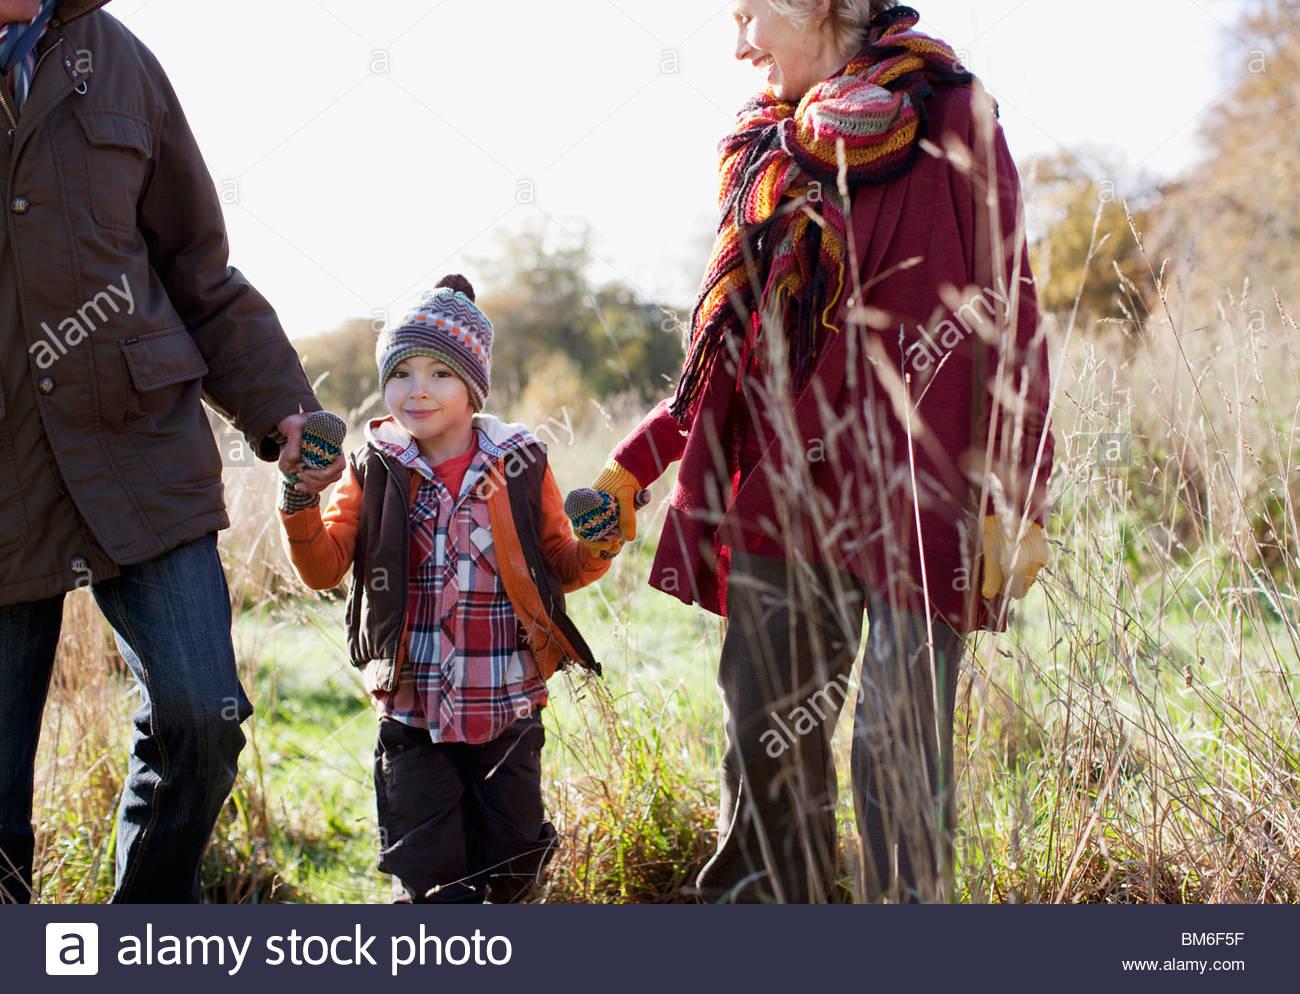 Avós segurando as mãos com o neto no exterior Imagens de Stock